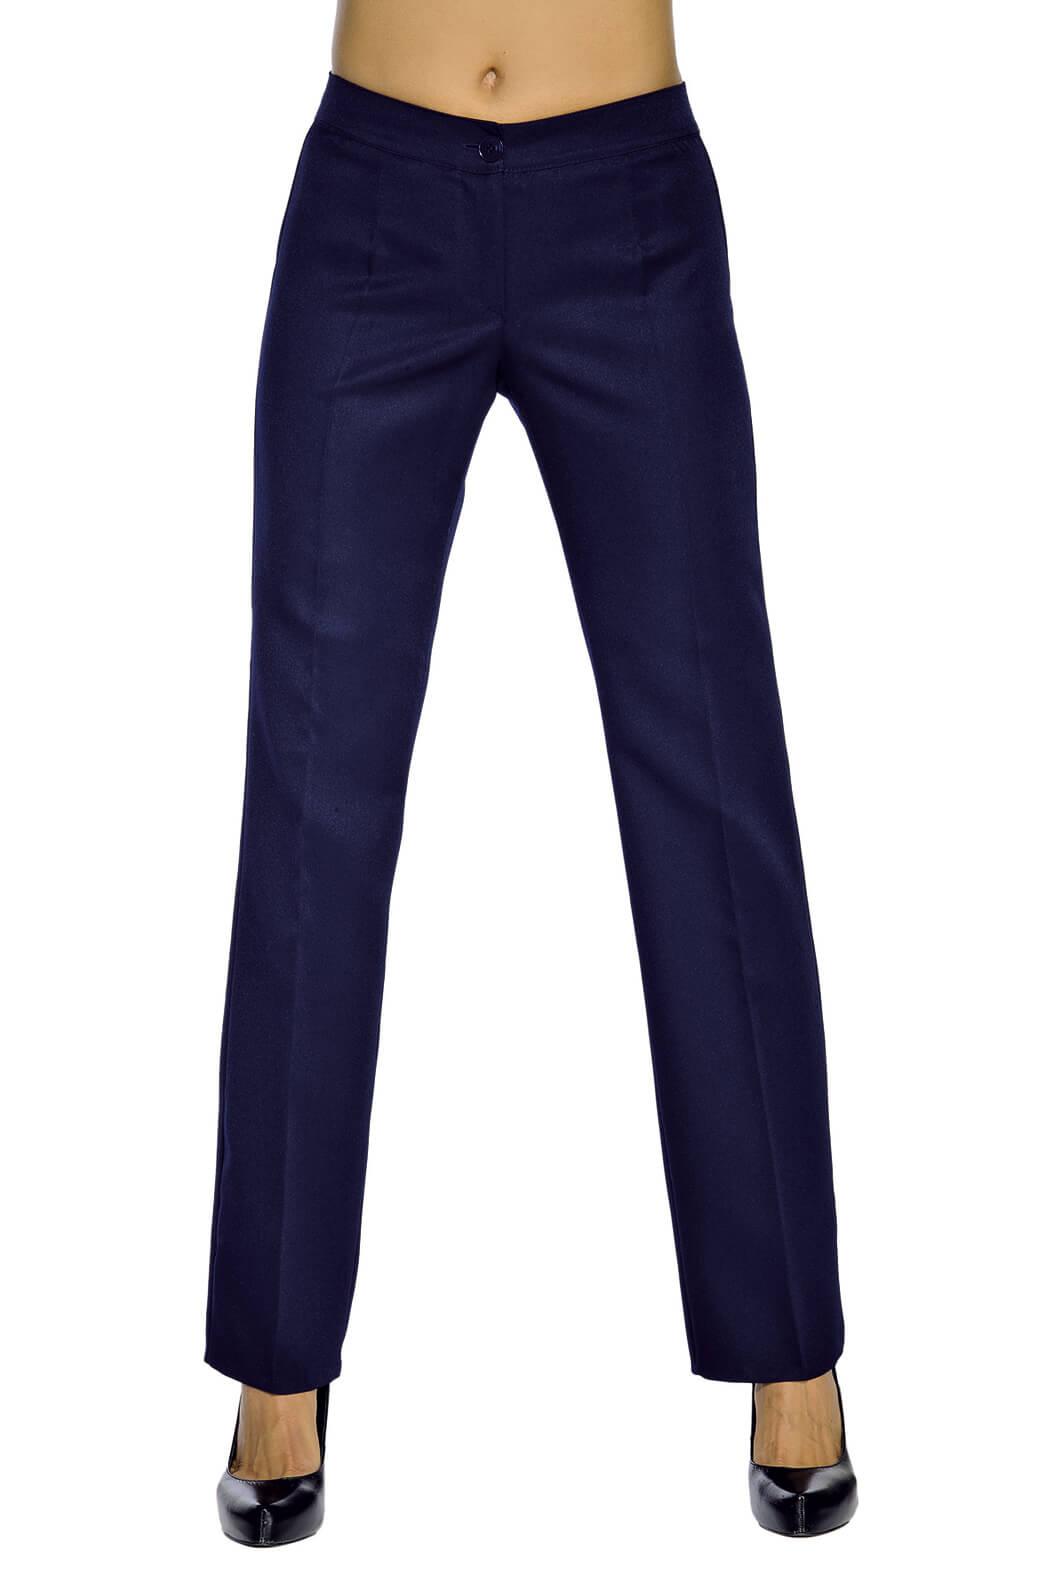 Pantalon femme bleu marine coupe droite restauration et r ception pantalons et bermudas de - Quelle couleur avec pantalon bleu marine ...